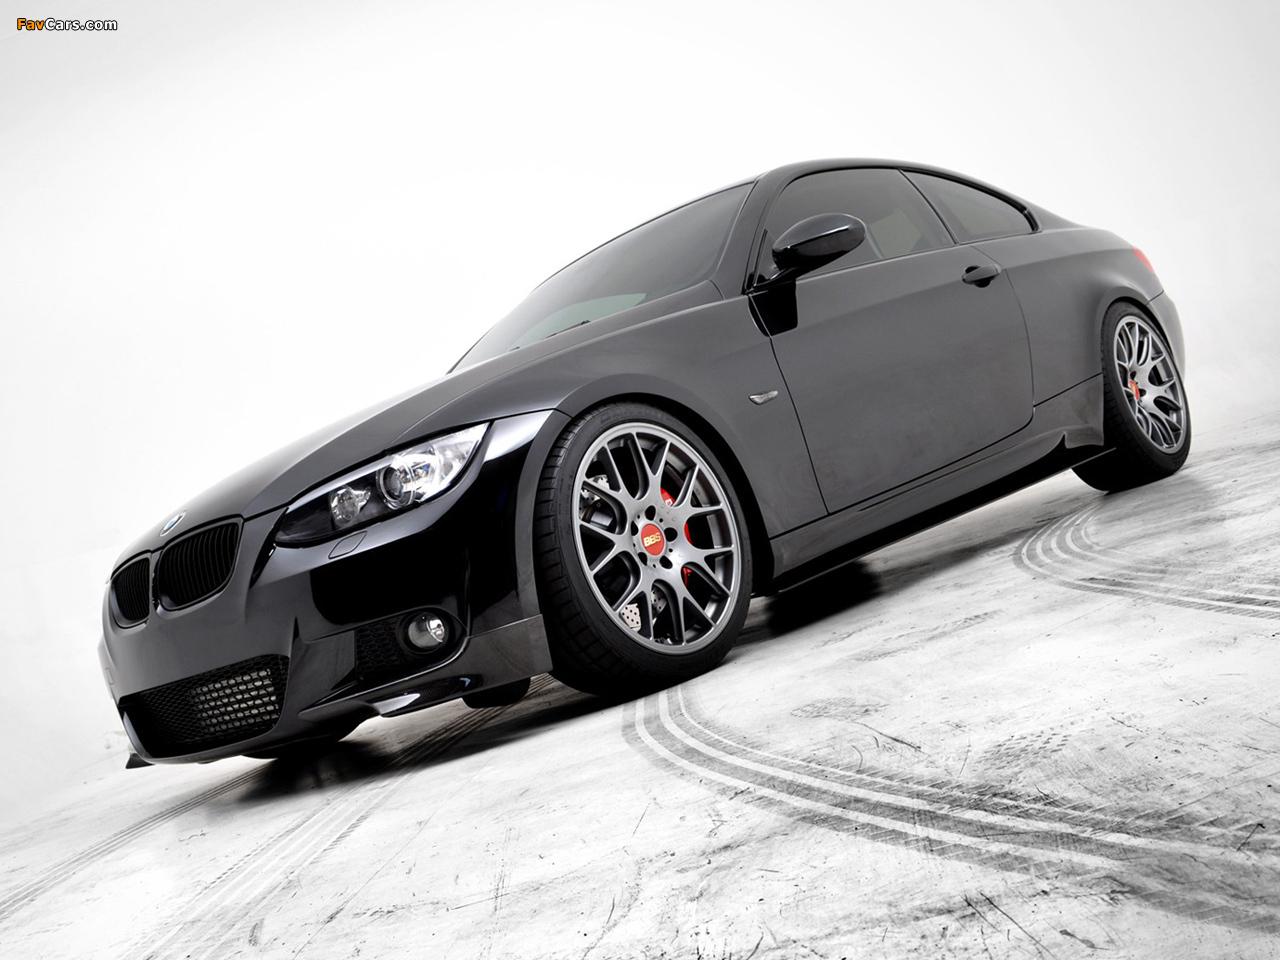 Eas Bmw 335i Coupe Black Saphire E92 2012 Photos 1280x960